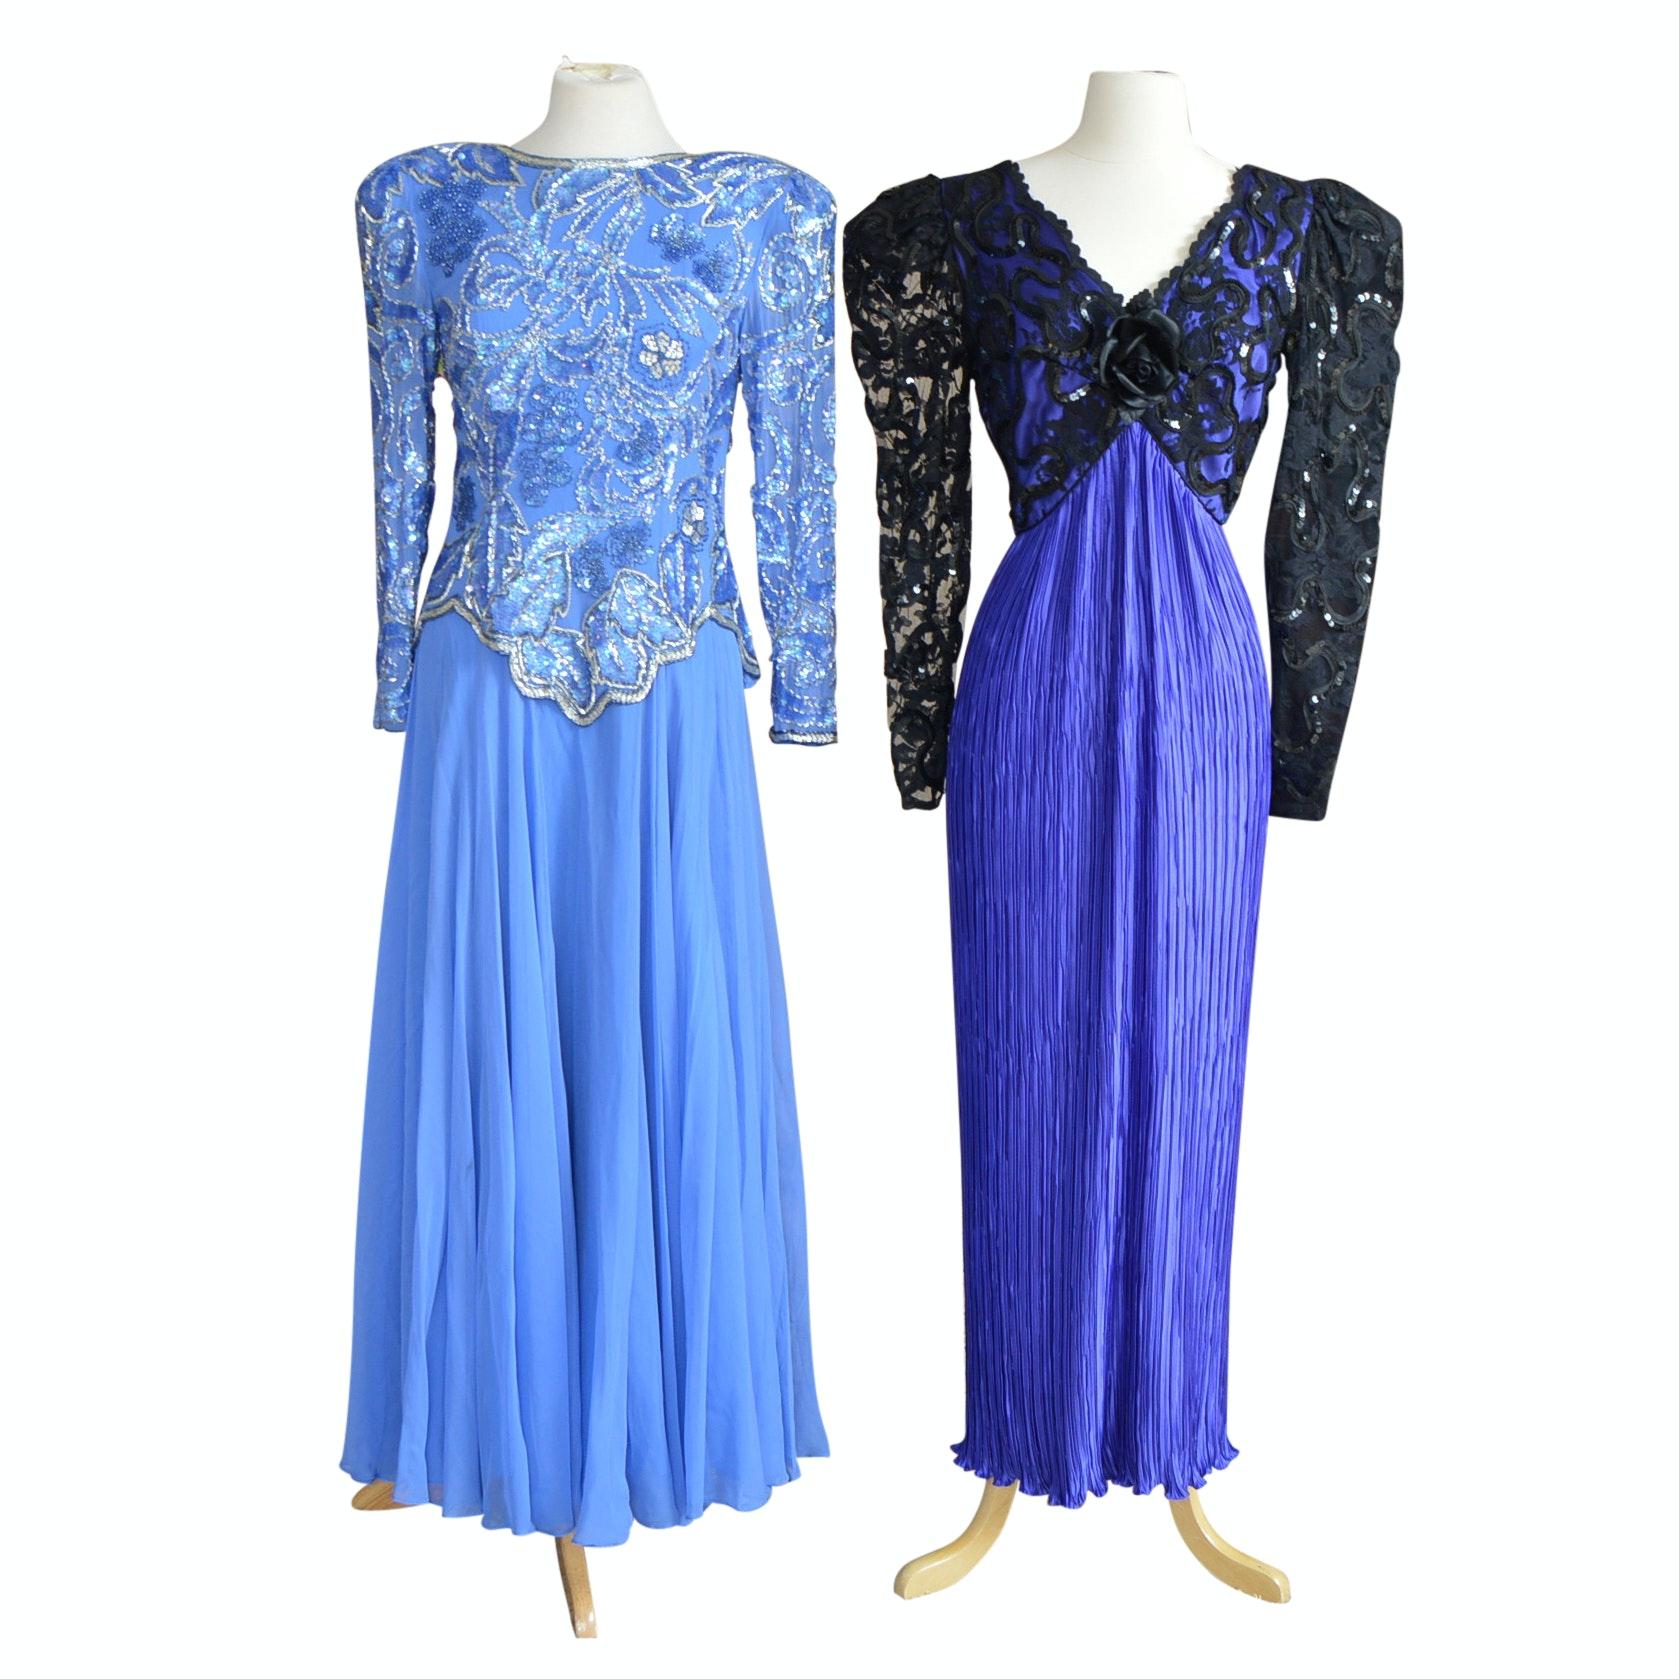 Women's Vintage Lilli Rubin and Oleg Cassini Formal Gowns